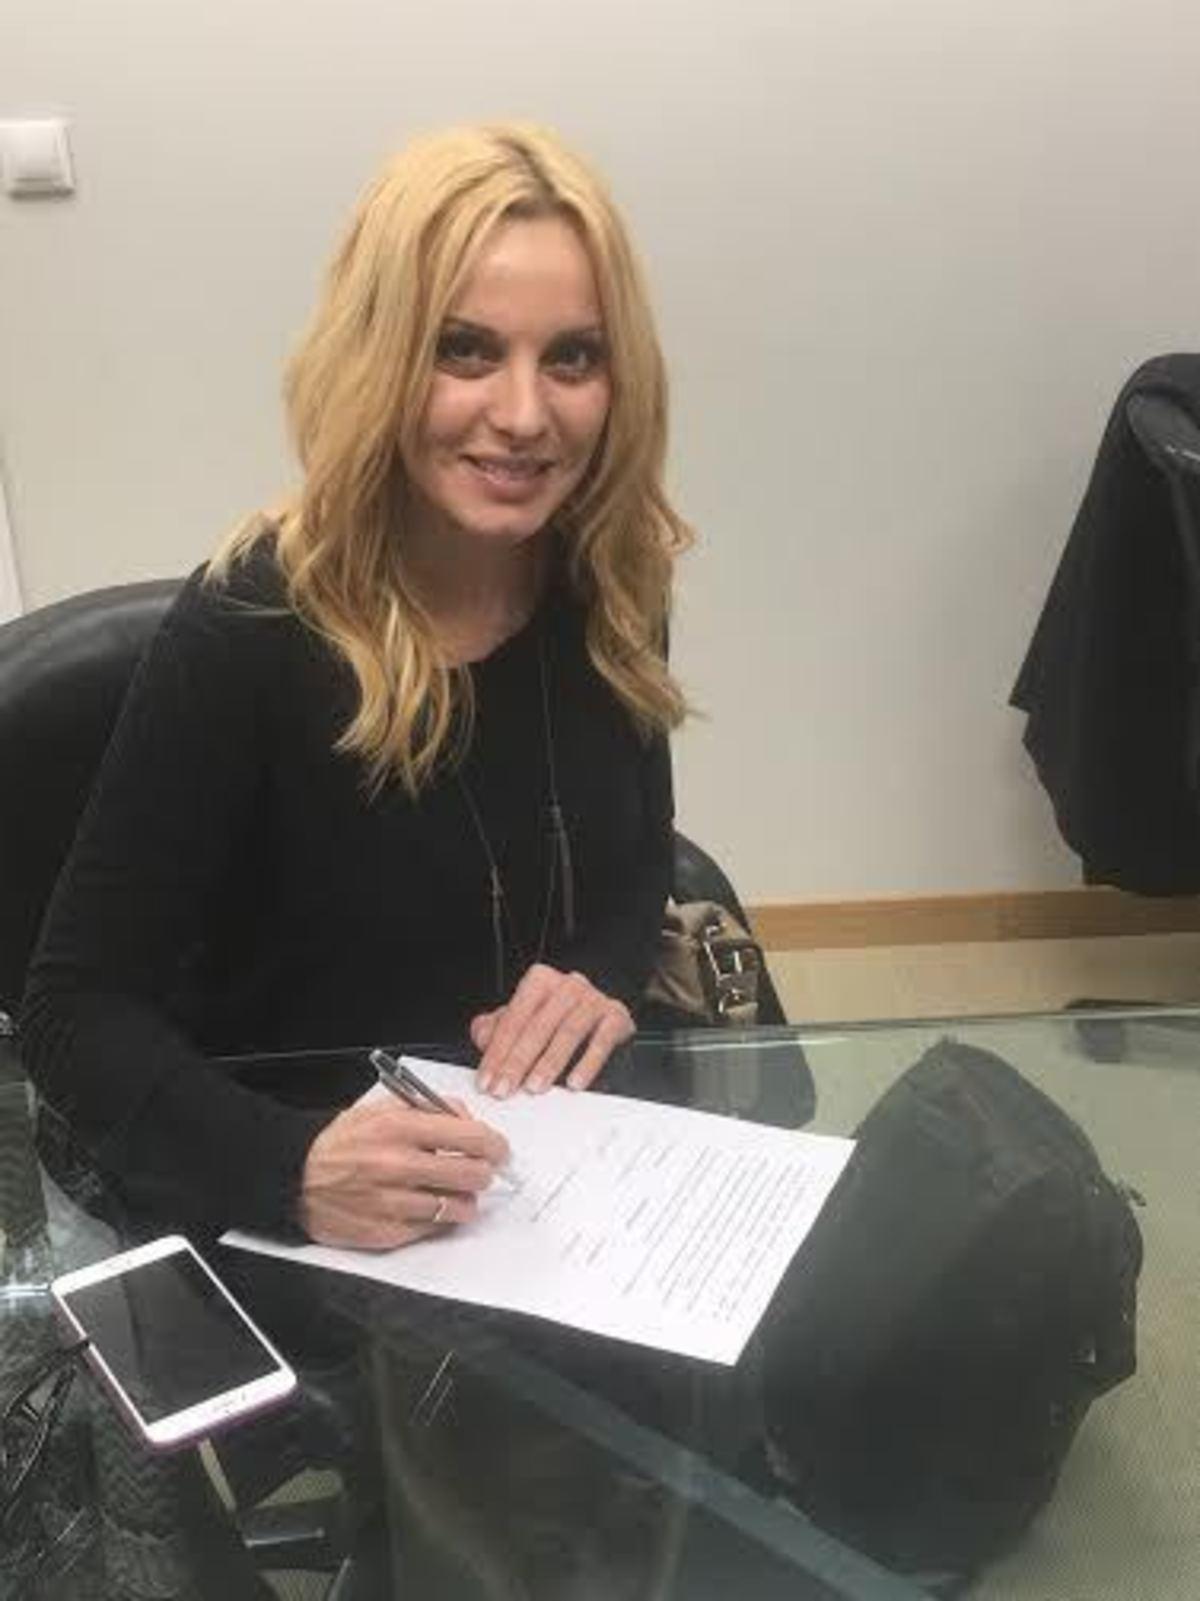 Η επίσημη ανακοίνωση για την κριτική επιτροπή του «X Factor» | Newsit.gr